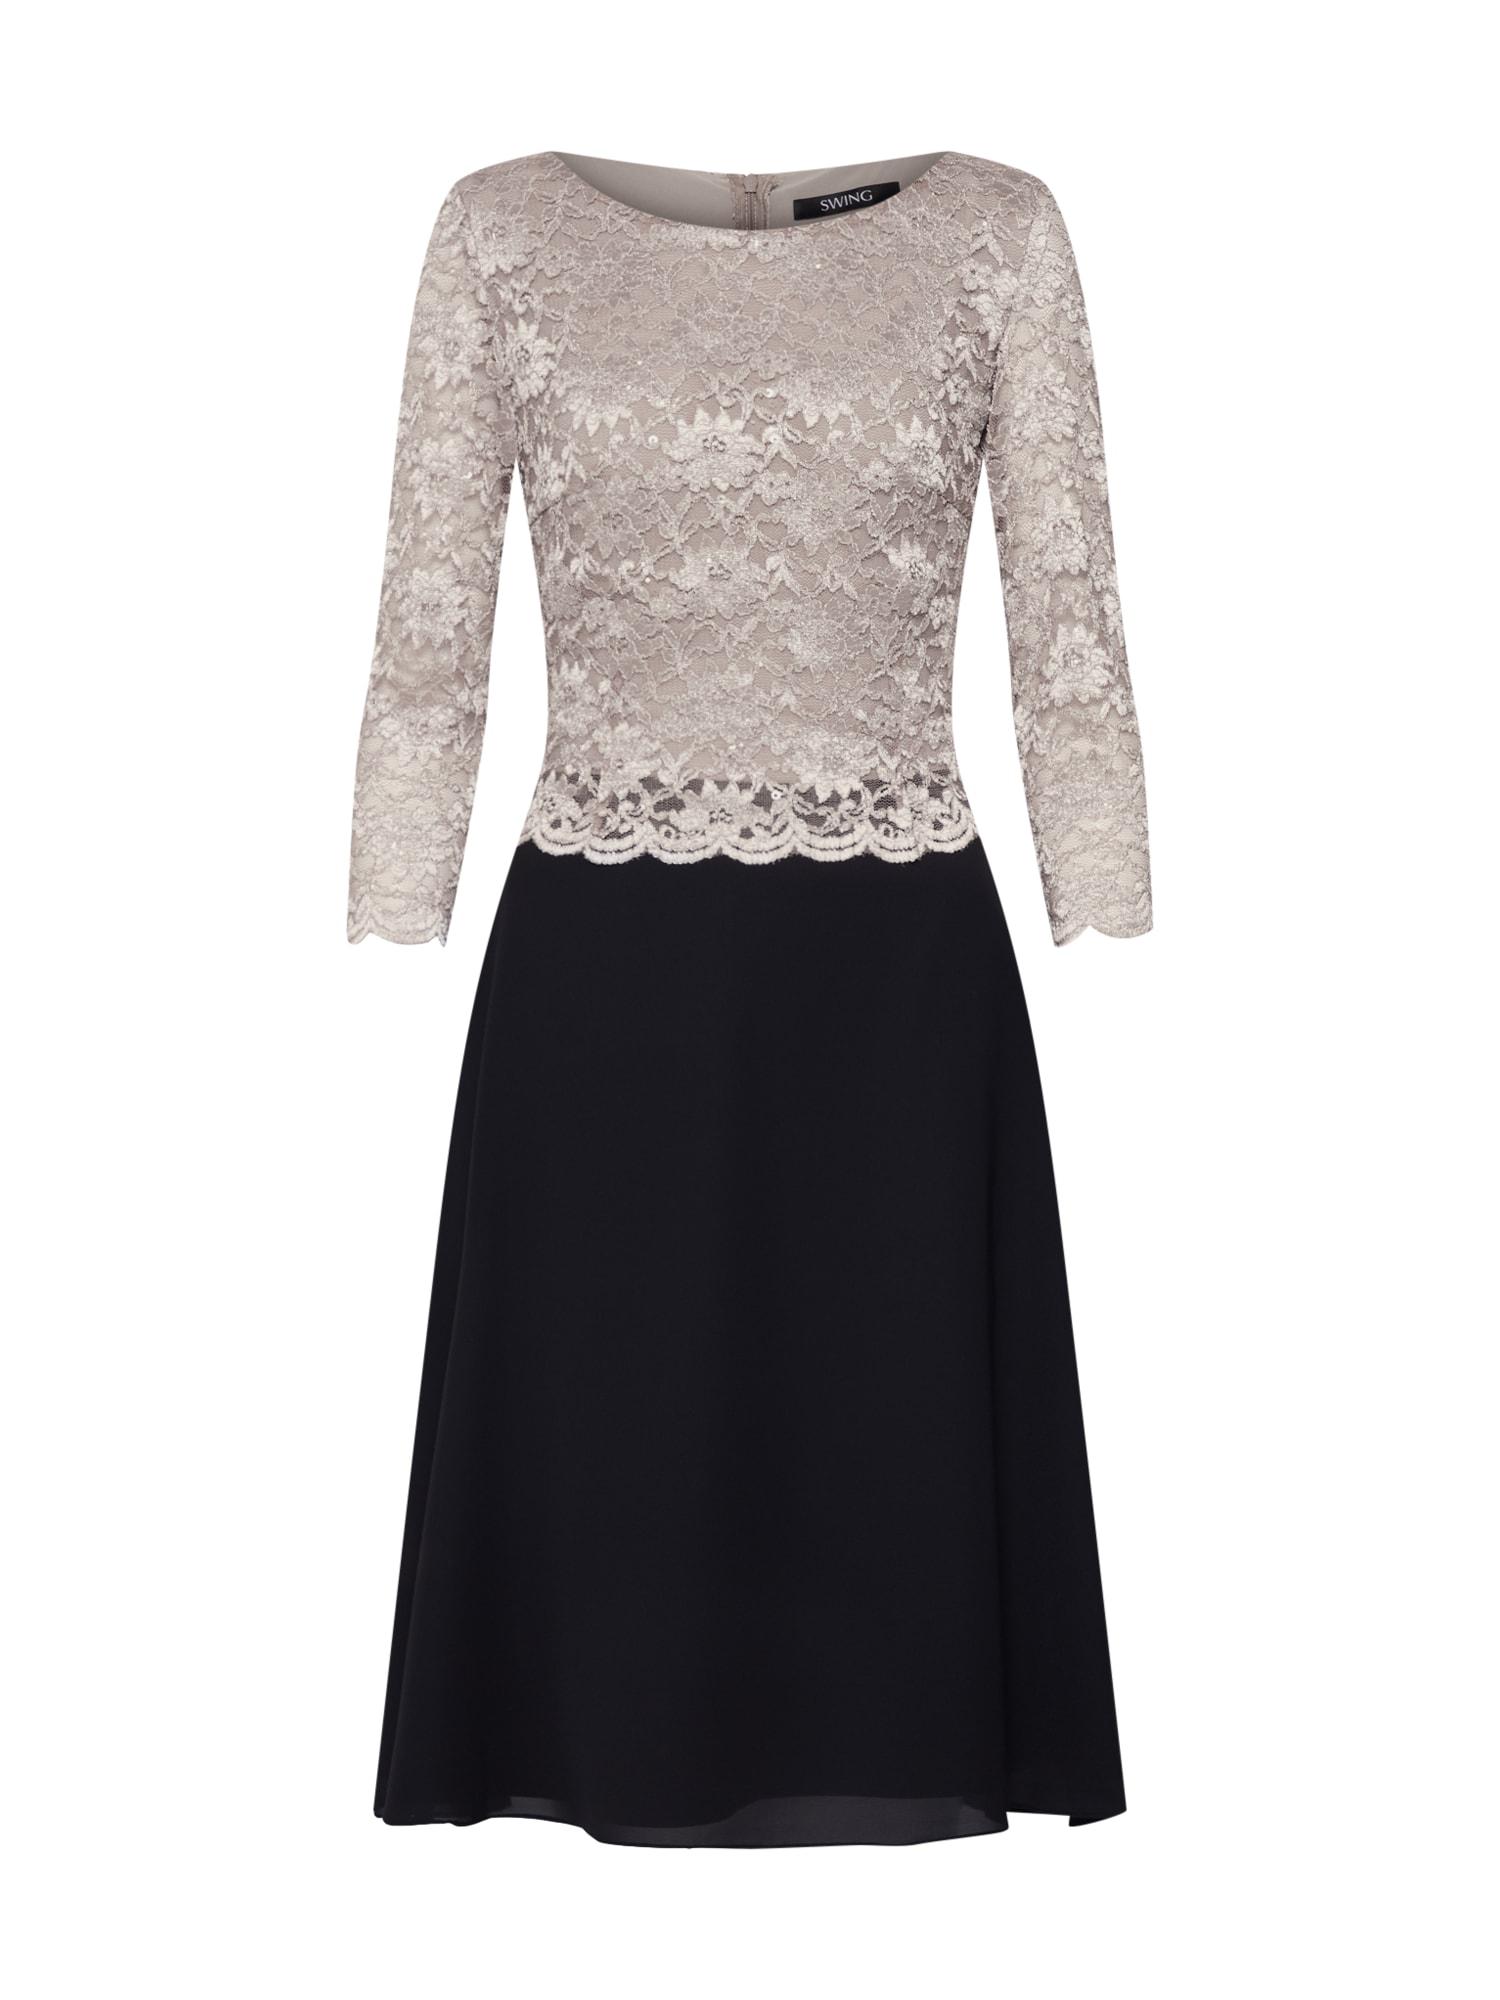 Koktejlové šaty světle hnědá černá bílá SWING